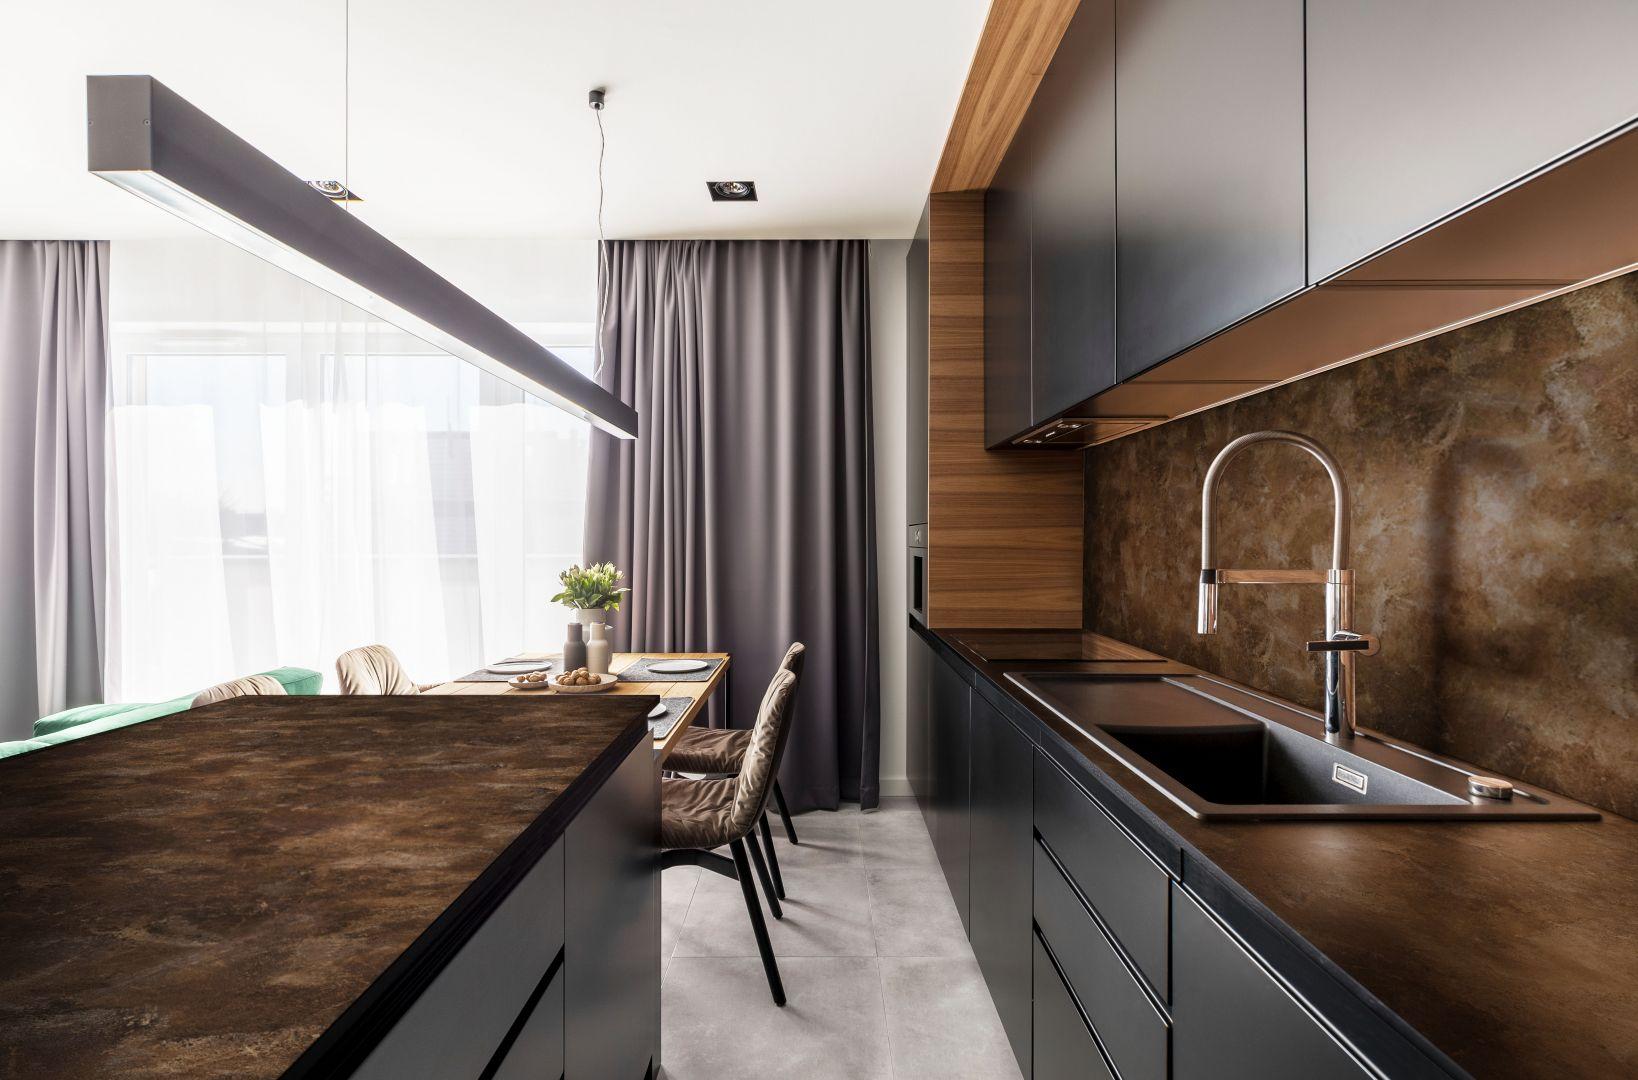 Odpowiedzią na aktualne trendy w projektowaniu wnętrz mogą być cienkie blaty kuchenne wykonane z laminatu kompaktowego HPL. Fot. Pfleiderer